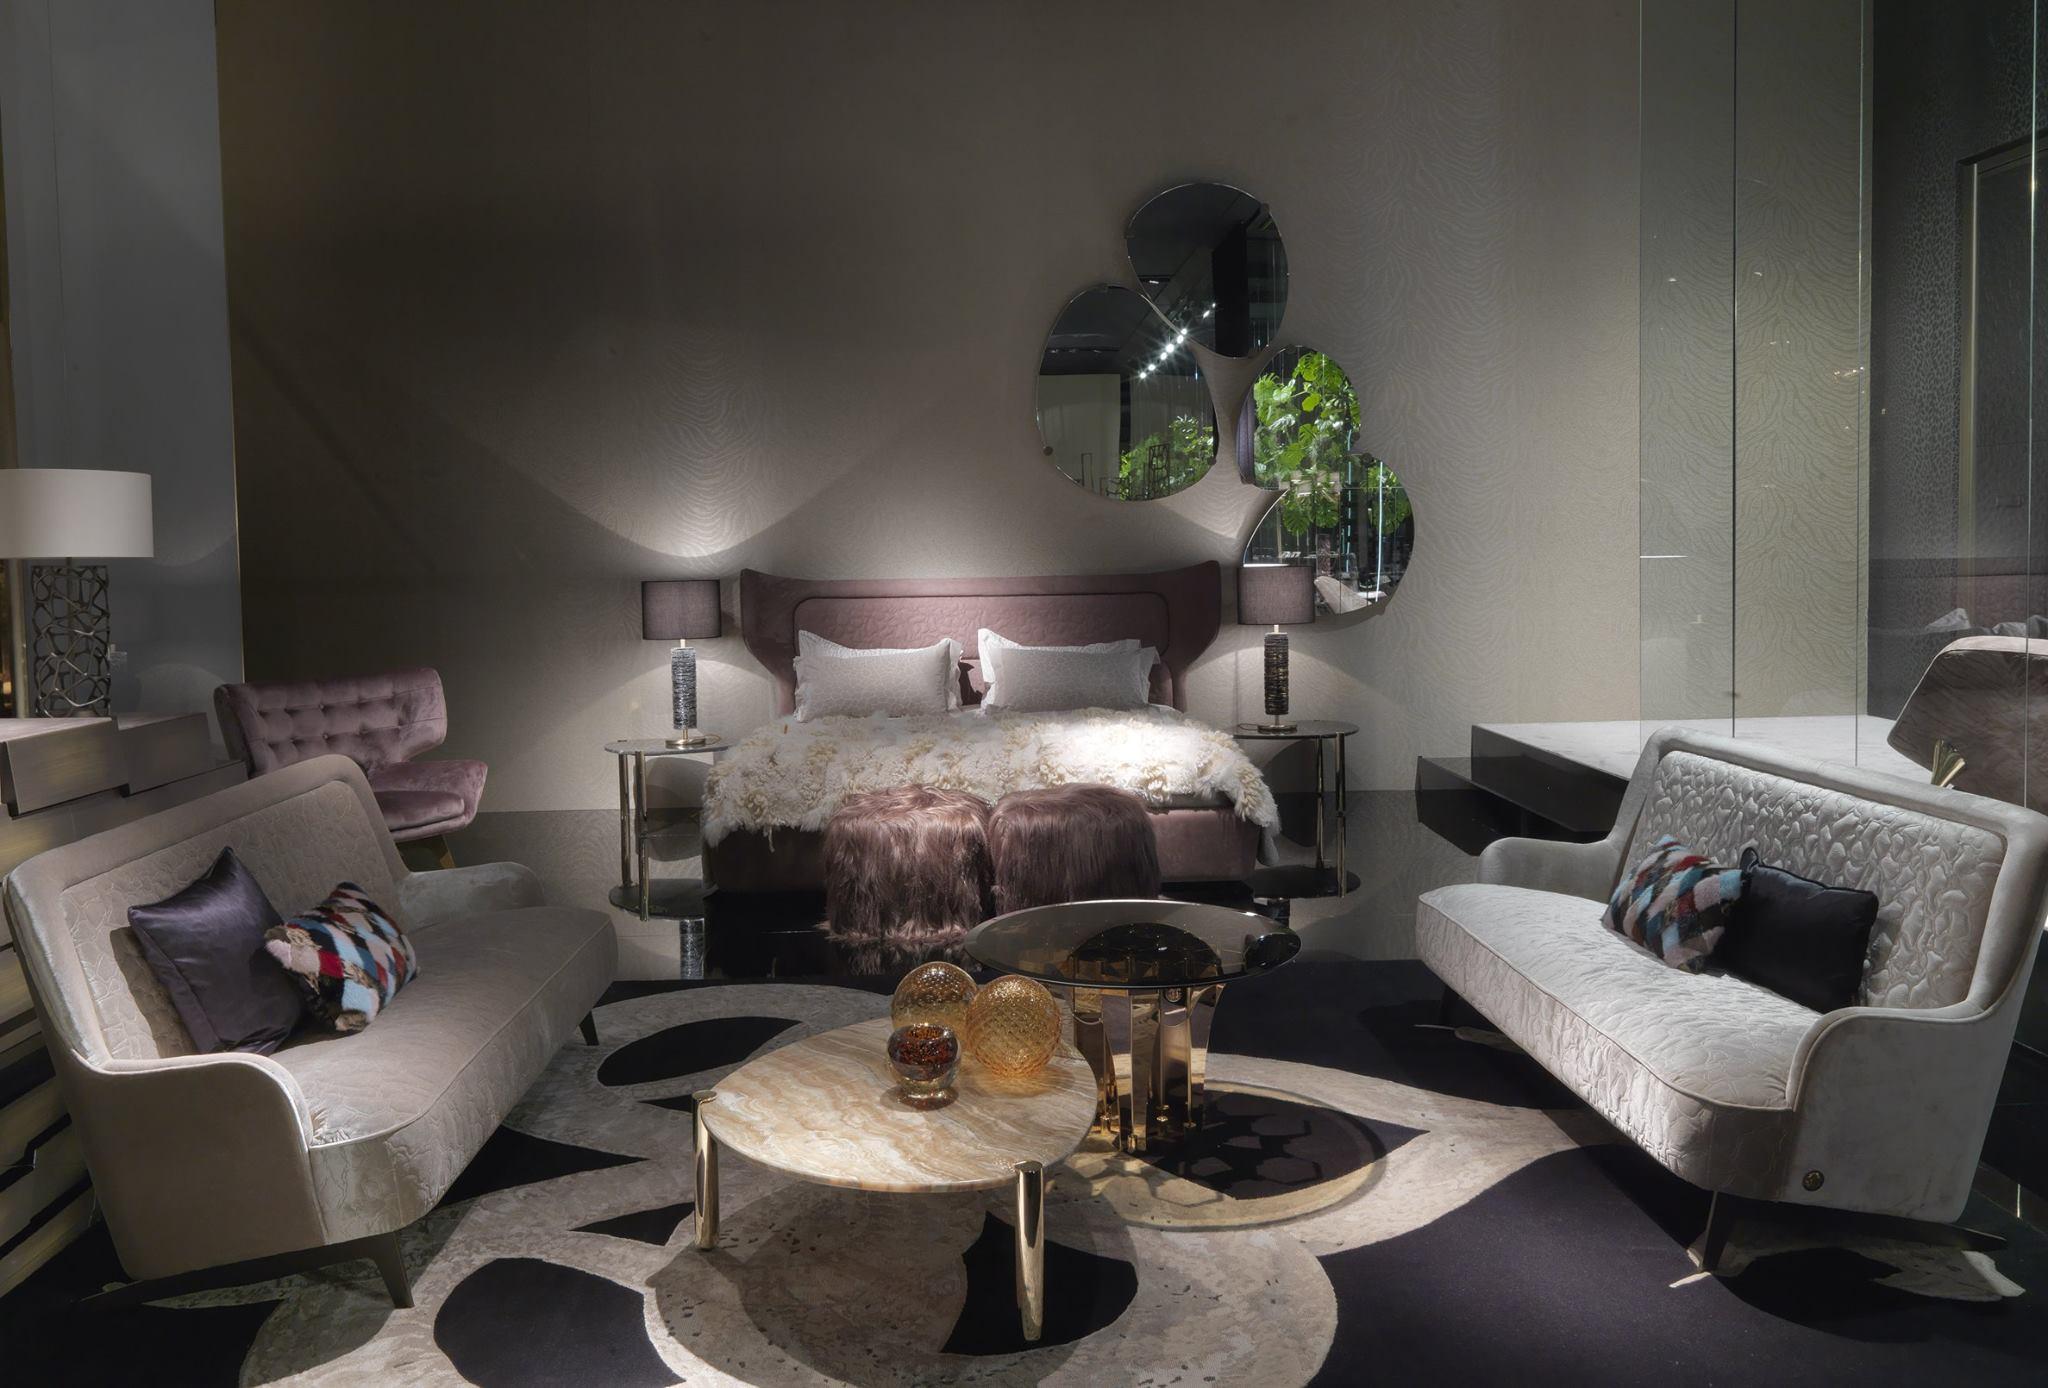 Perfetto Luxury Interiors Spends Time at Salone del Mobile Milano 4